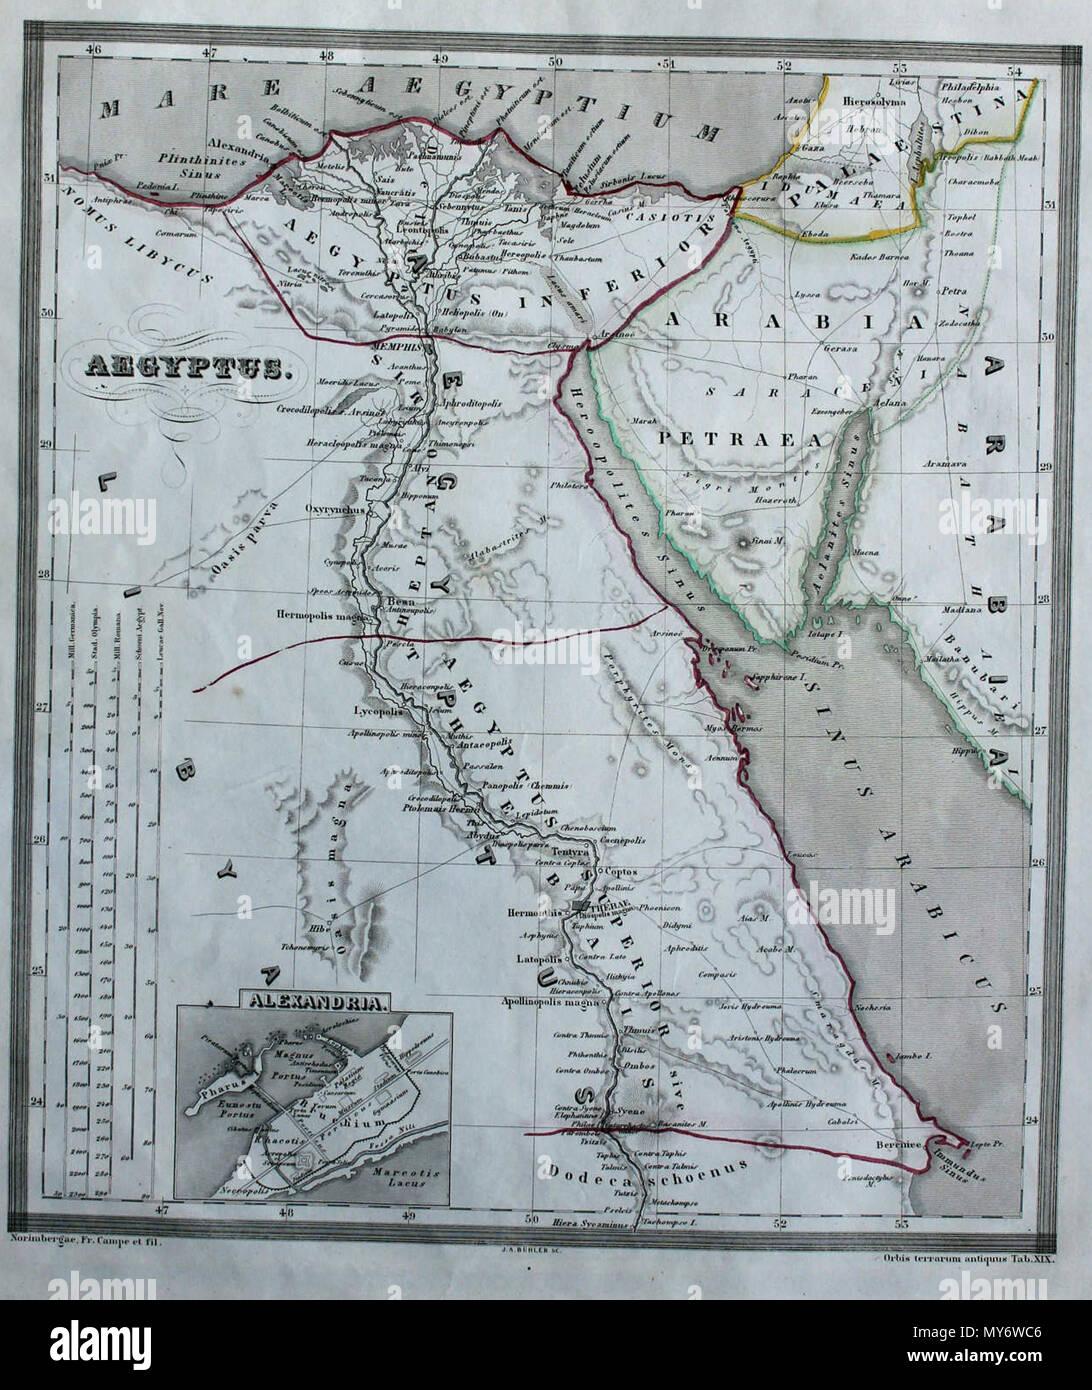 . English: Egypt from Orgis Terrarum Antiquus 1861 . 24 October 2013, 16:49:41.  Orbis terrarum antiquus 1861 24 Aegyptus from Orbis terrarum antiquus 1861 - Stock Image